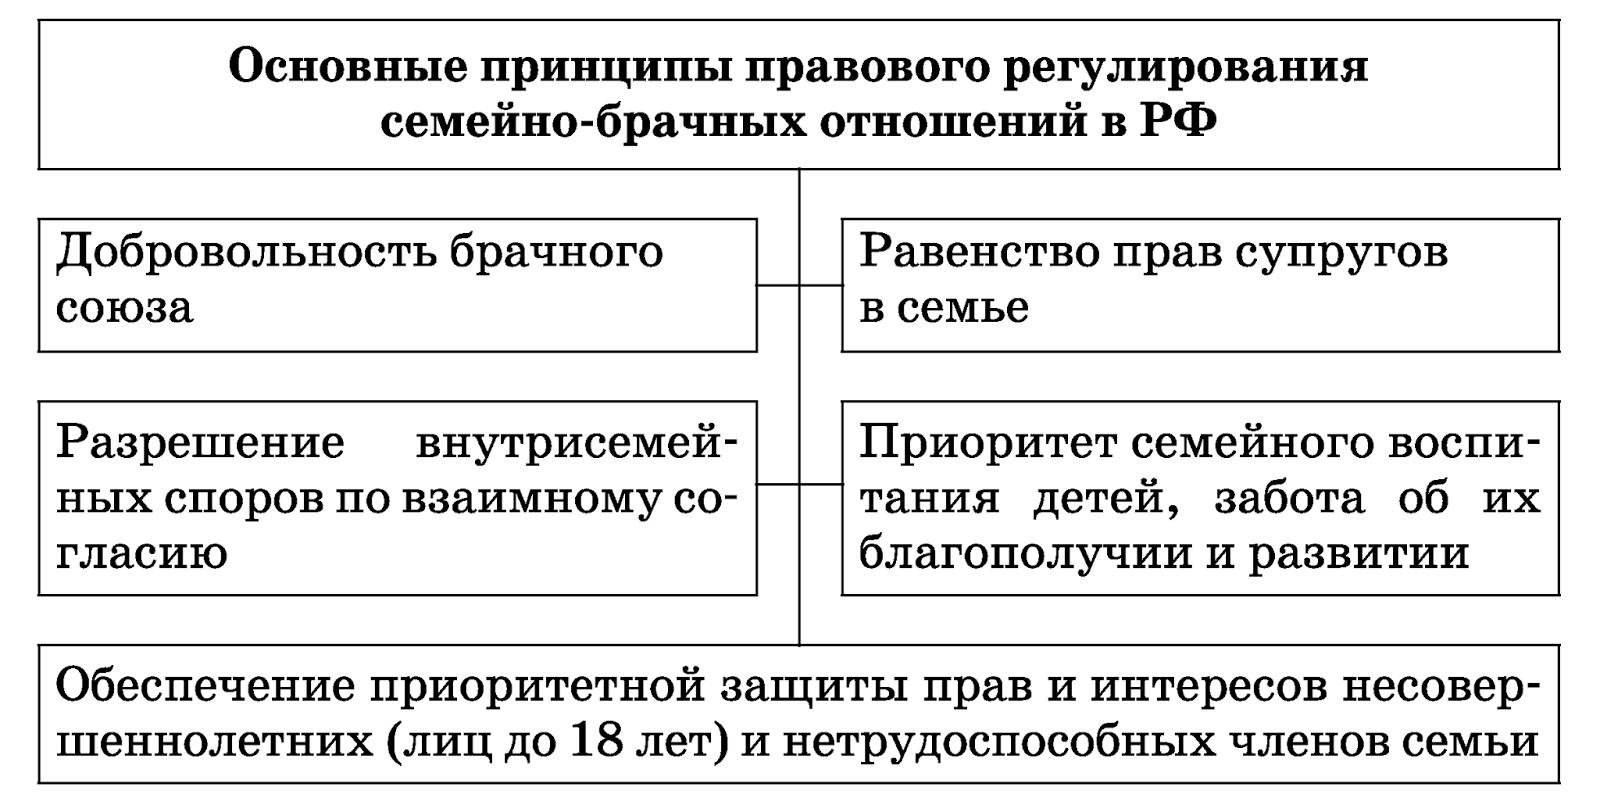 pravovaya-svyaz-chlenov-semi